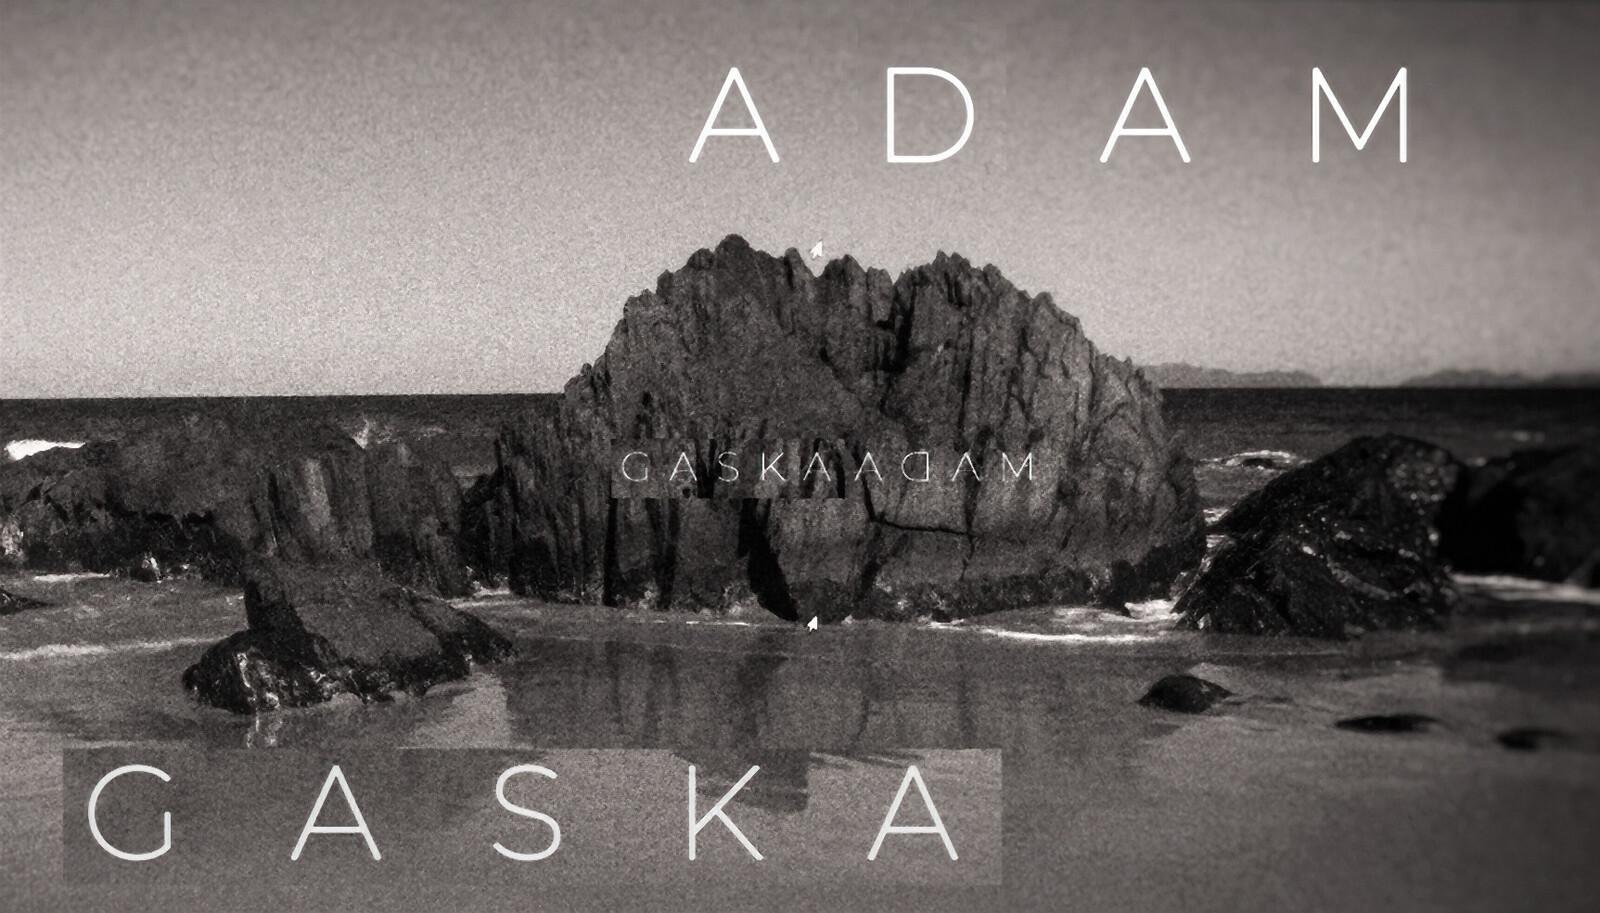 MADAGASK_AGA++DAMGASKA_